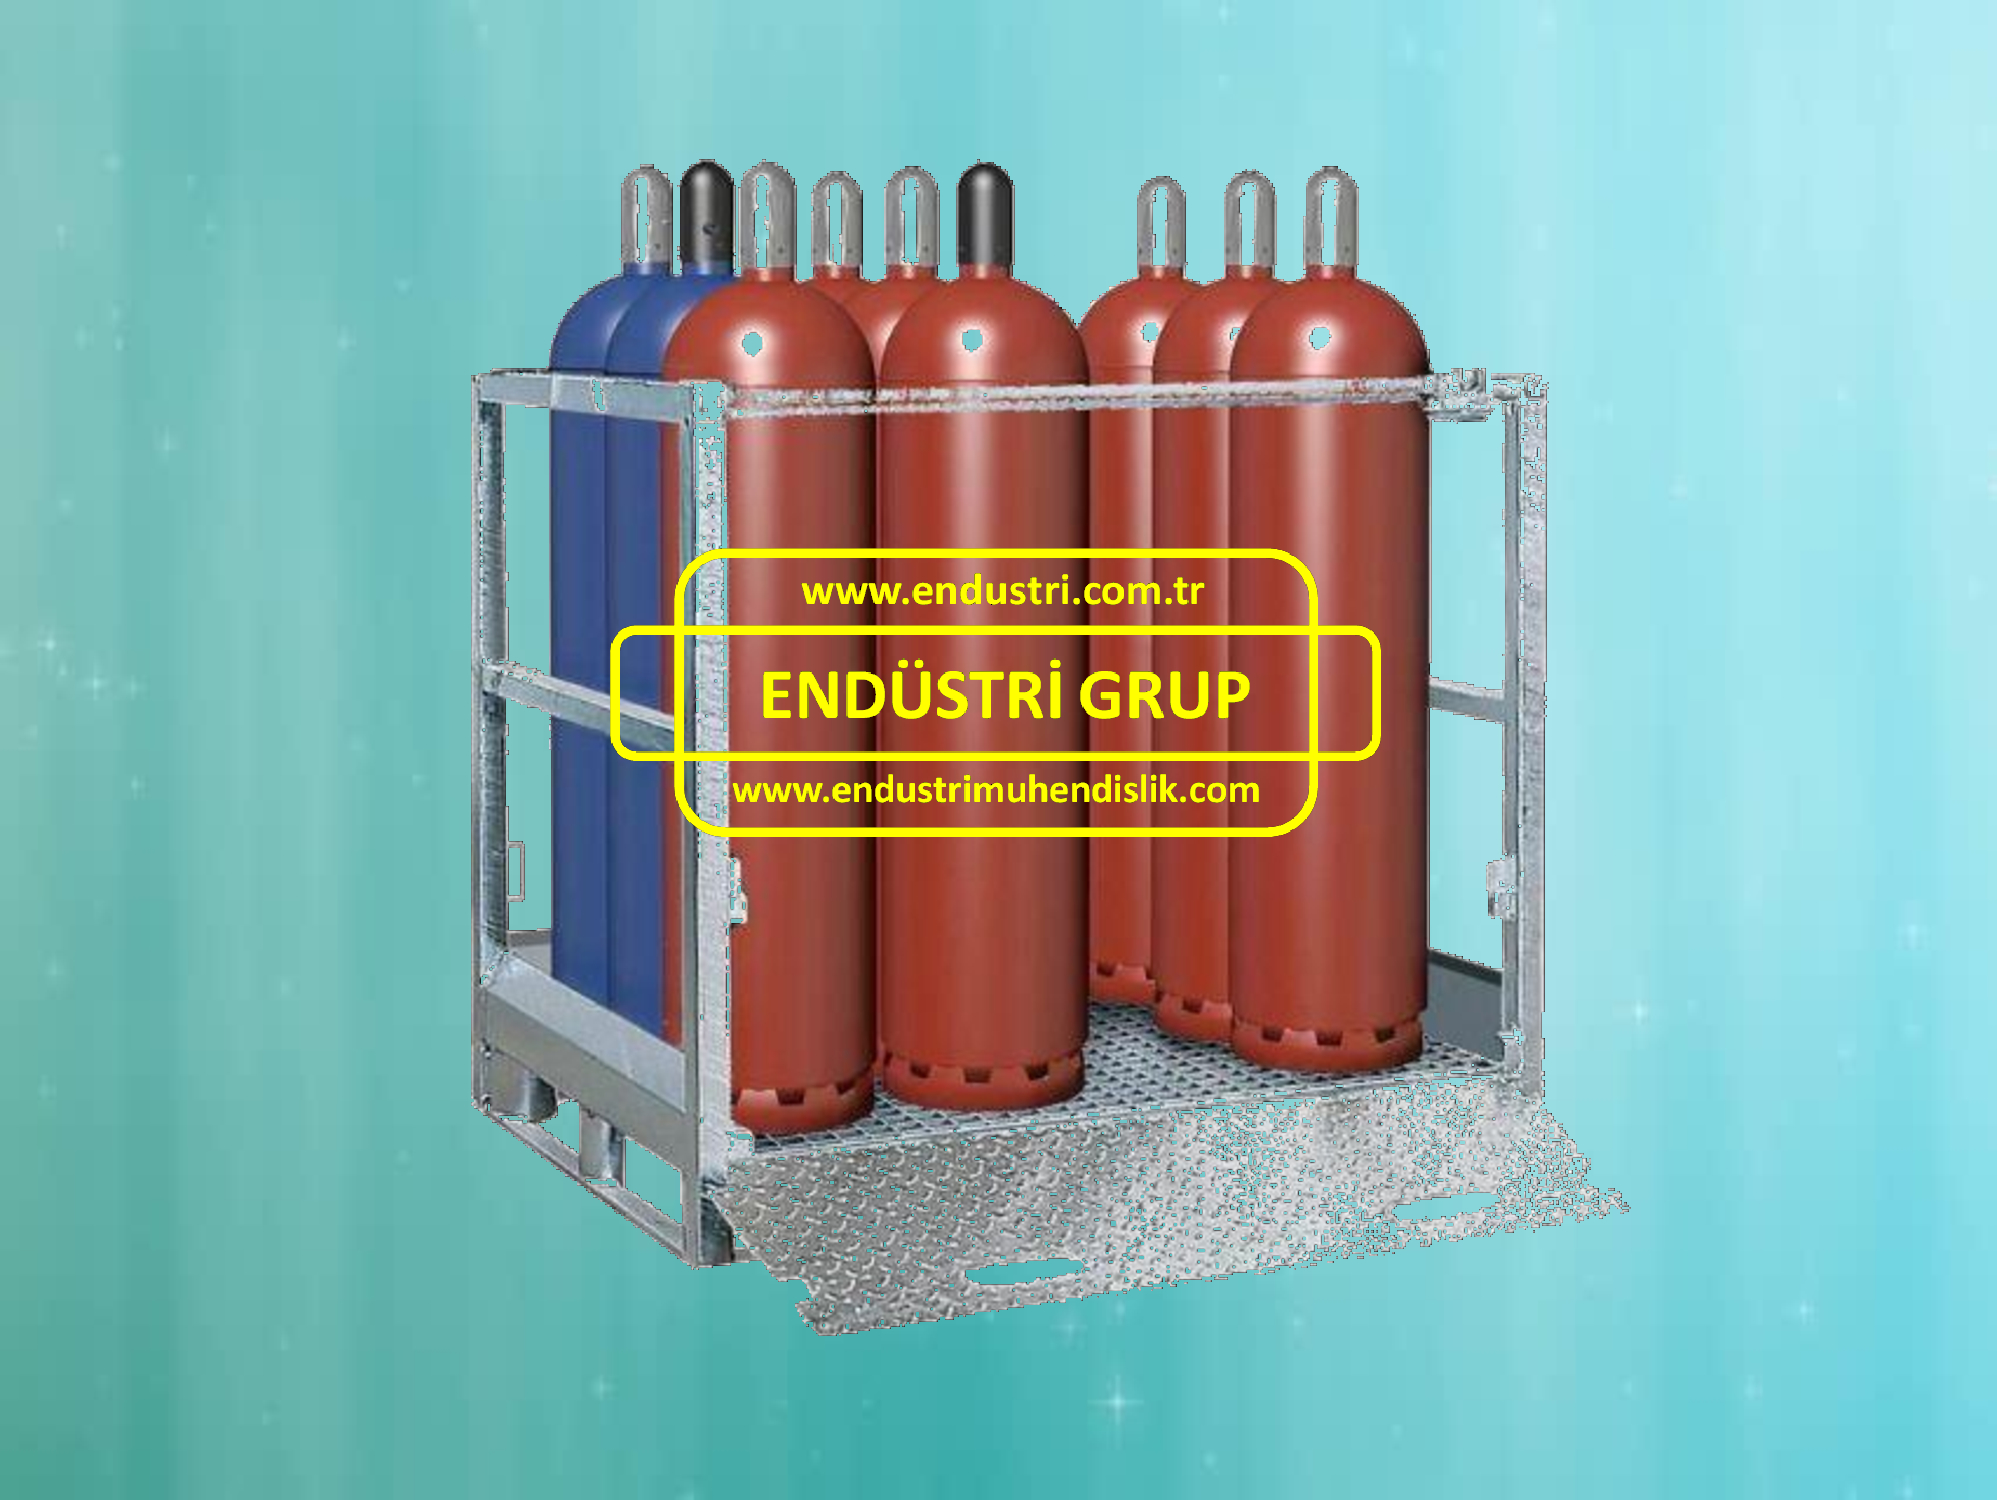 basincli-manifold-forklift-vinc-tup-gaz-tasima-stoklama-kasasi-sepeti-demeti-paleti-paletleri-arabasi-arabalari